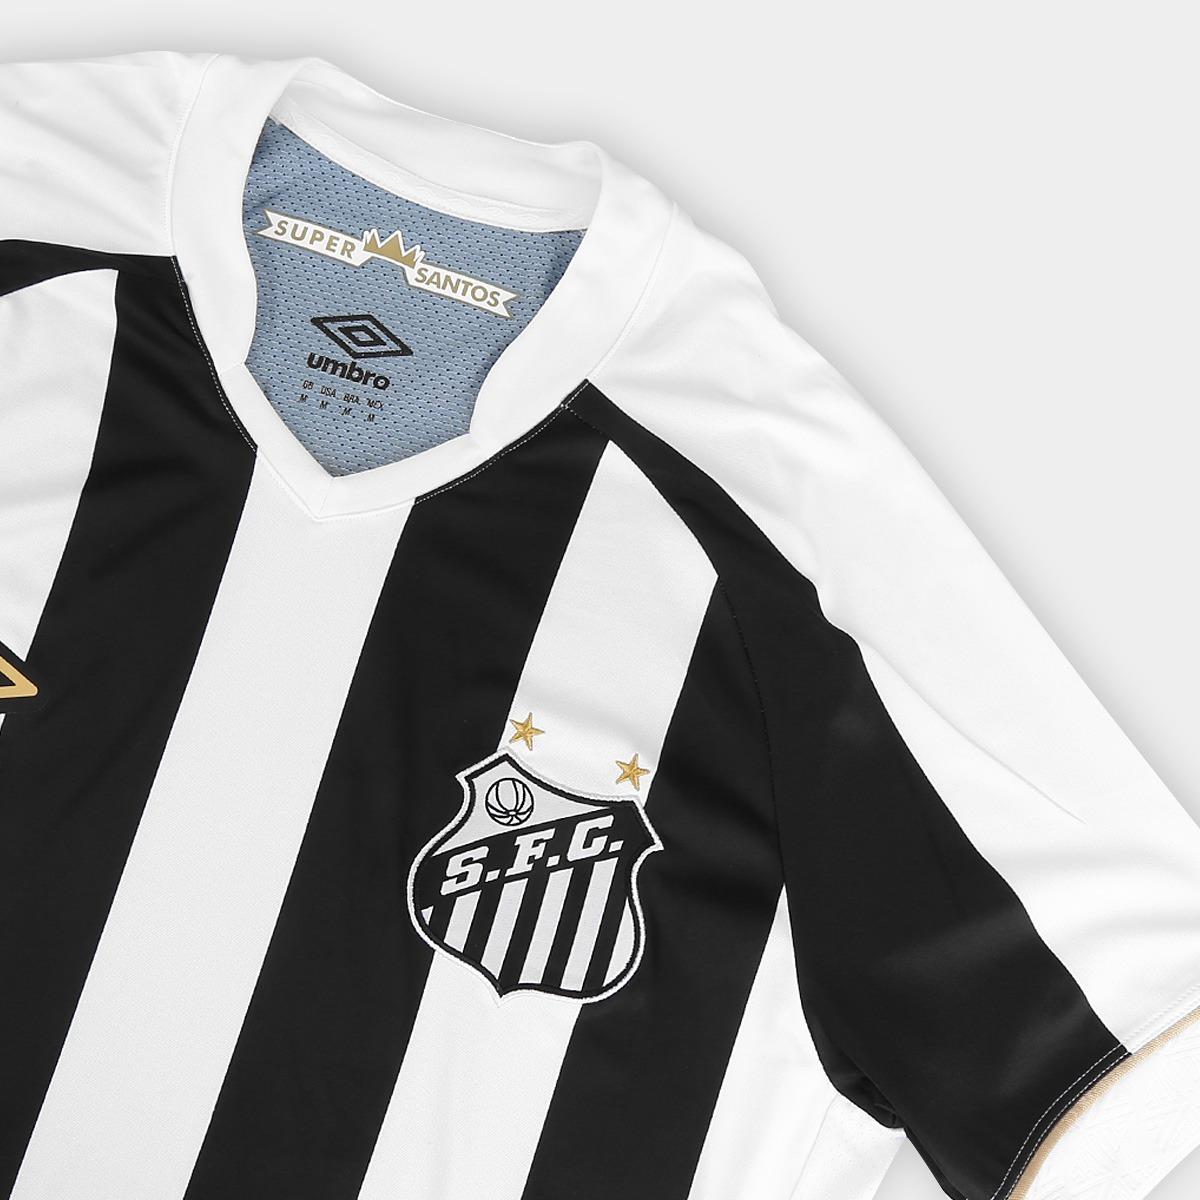 Camisa Santos 2018 S n°torcedor Masculina Promoção Listrado - R  149 ... ffe074c9224a0